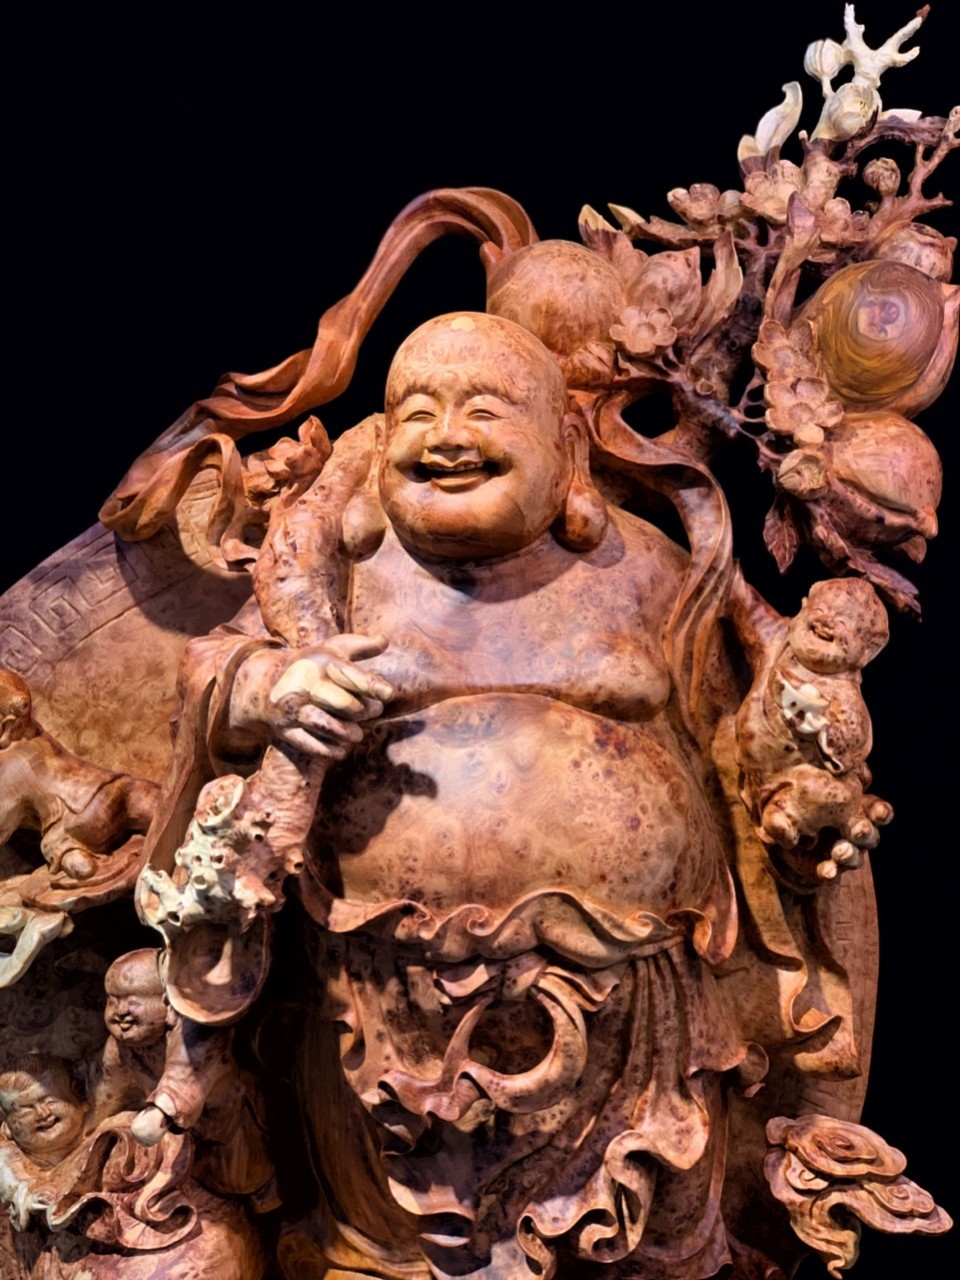 Cách Lựa Chọn Và Trưng Bày Tượng Phật Di Lặc Để Luôn Mang Lại Cuộc Sống Hạnh phúc, Bình An, May Mắn, Tài Lộc.